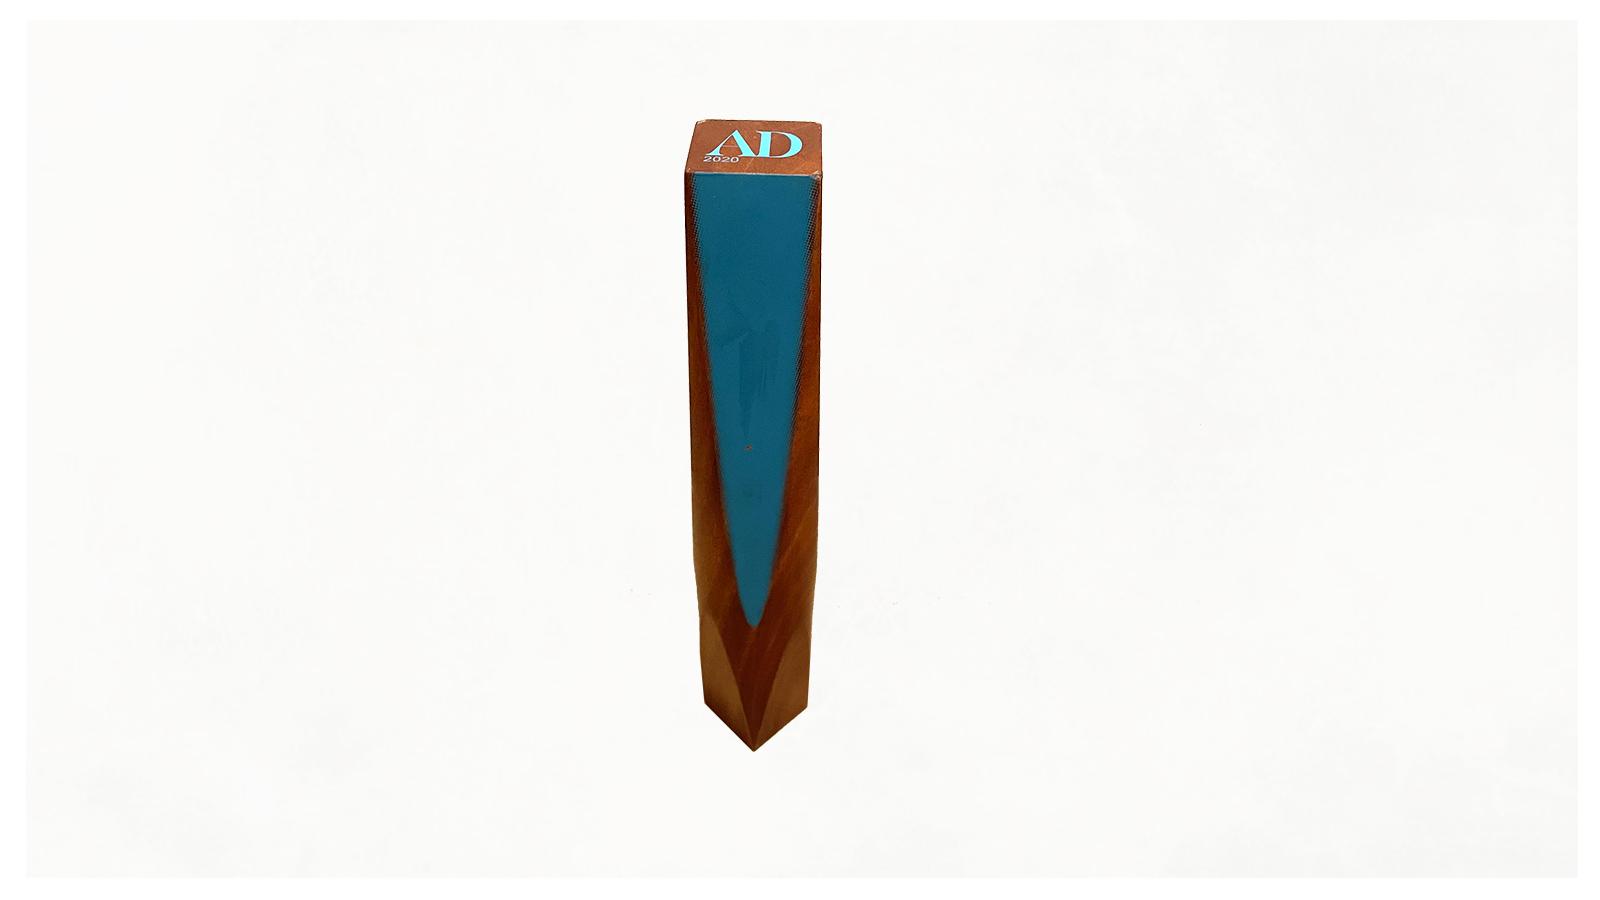 AD Award 2020